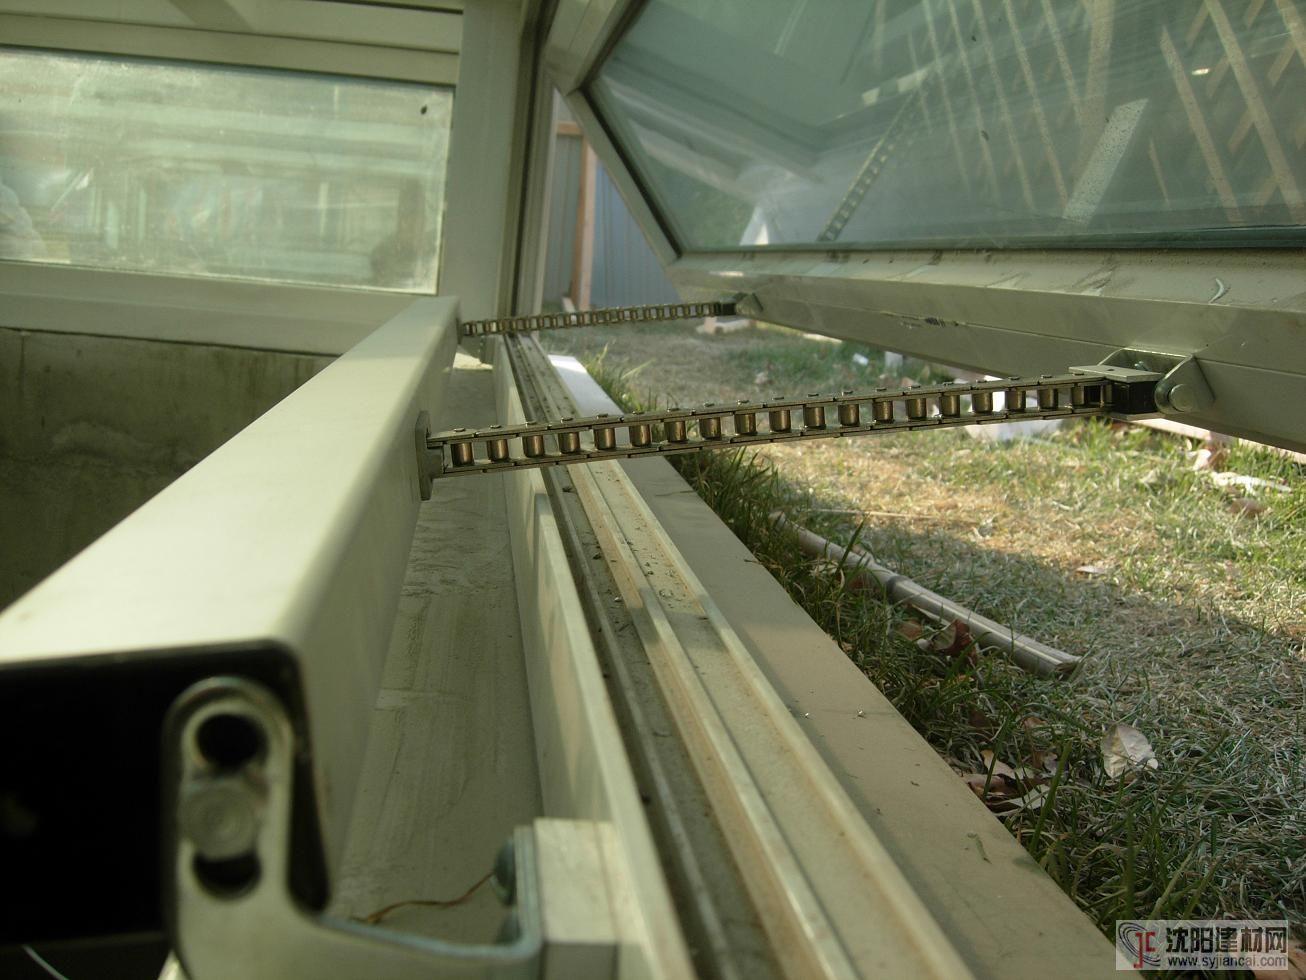 福州體育館電動開窗器是品牌廠家鴻威電動開窗器